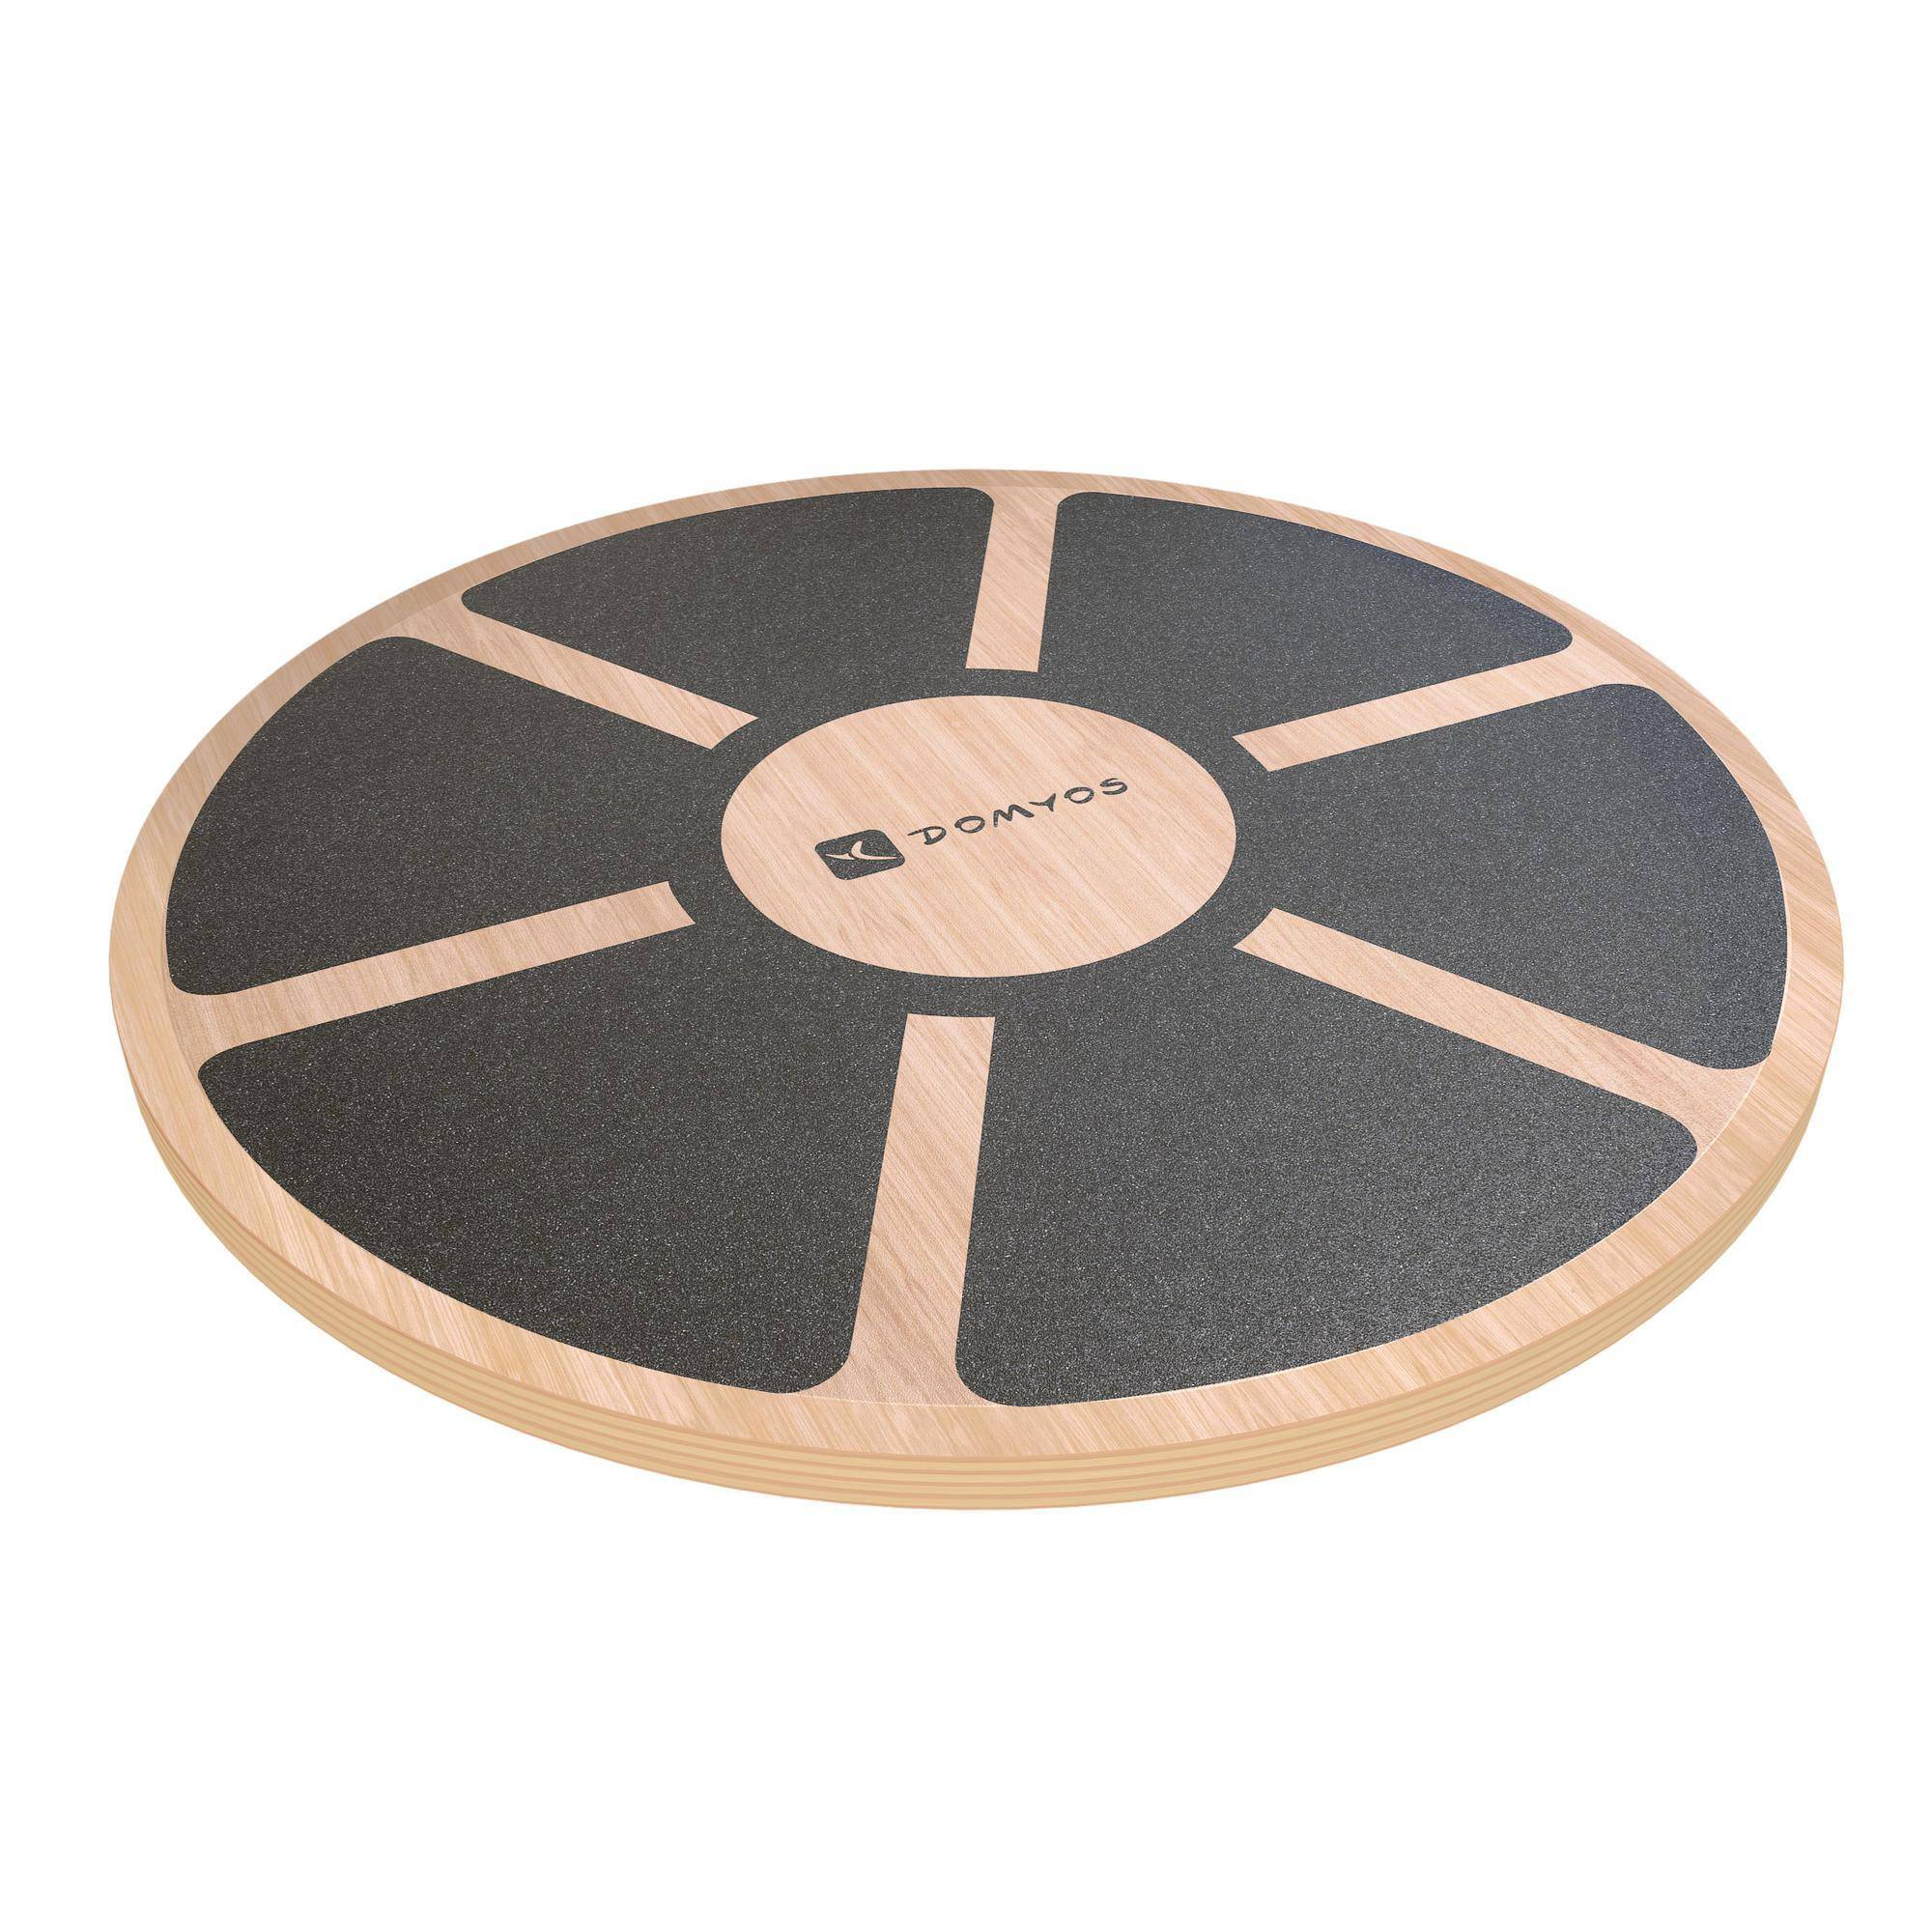 NYAMBA Attrezzo BALANCE BOARD 500 in legno - diametro 39,5cm altezza 7,5cm